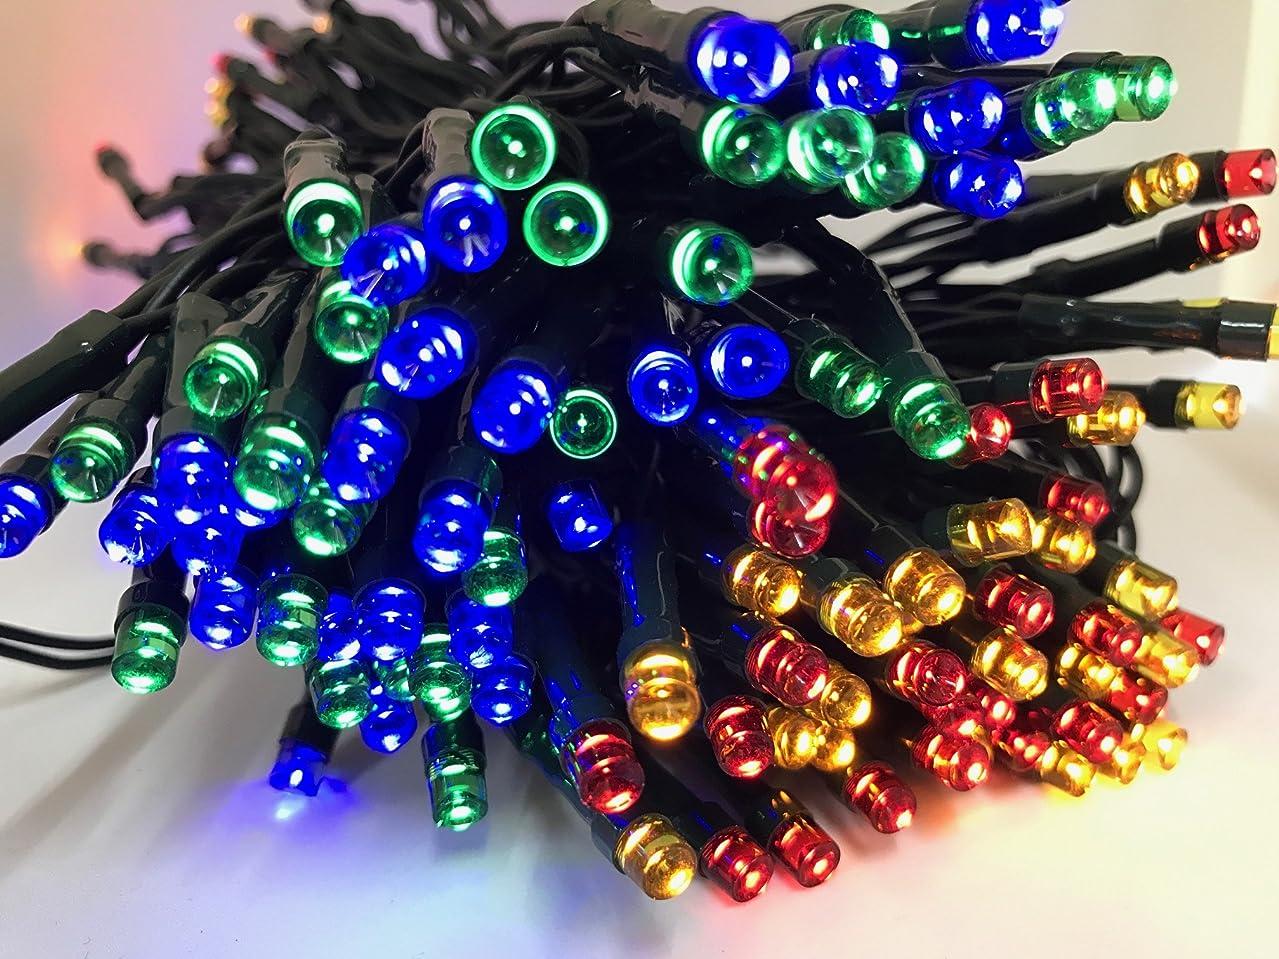 最も早いハリケーン裁量〔 ZAZ 〕 電気代ゼロ 4色カラー  200球 ×2セット (合計400球) LED イルミネーション 太陽光発電 ソーラー 充電式 LED イルミネーション 発光モードは8パターン  ケーブル長 約18m 光センサー内蔵 自動ON/OFF クリスマス 正月 イルミ 4色2セット